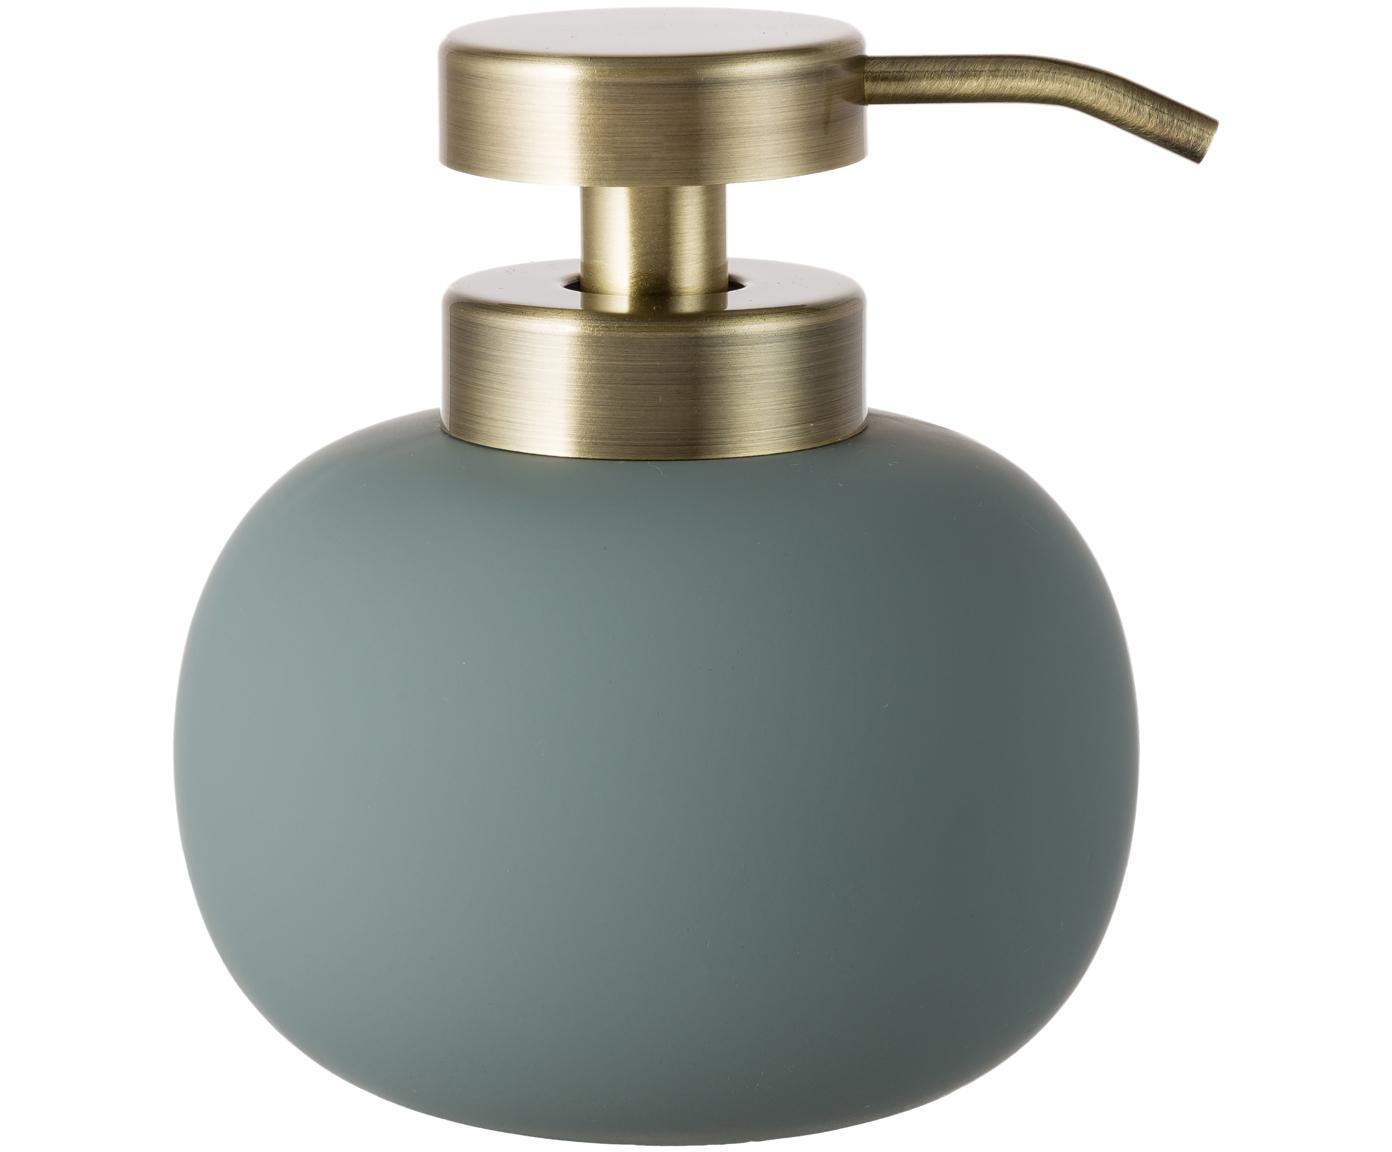 Dozownik do mydła Lotus, Zielony, mosiężny, Ø 11 x W 13 cm